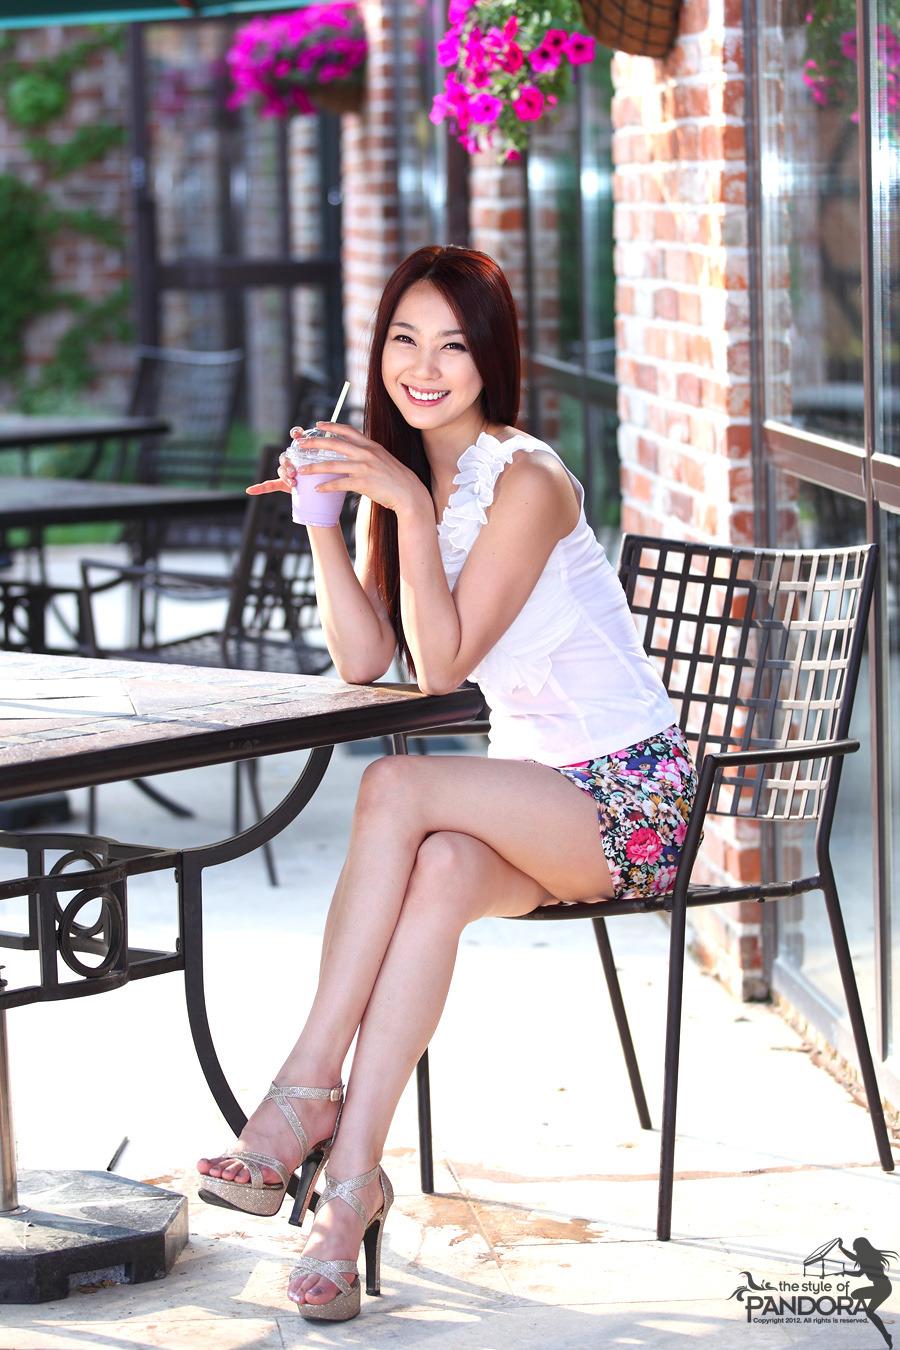 nude Hot asian model